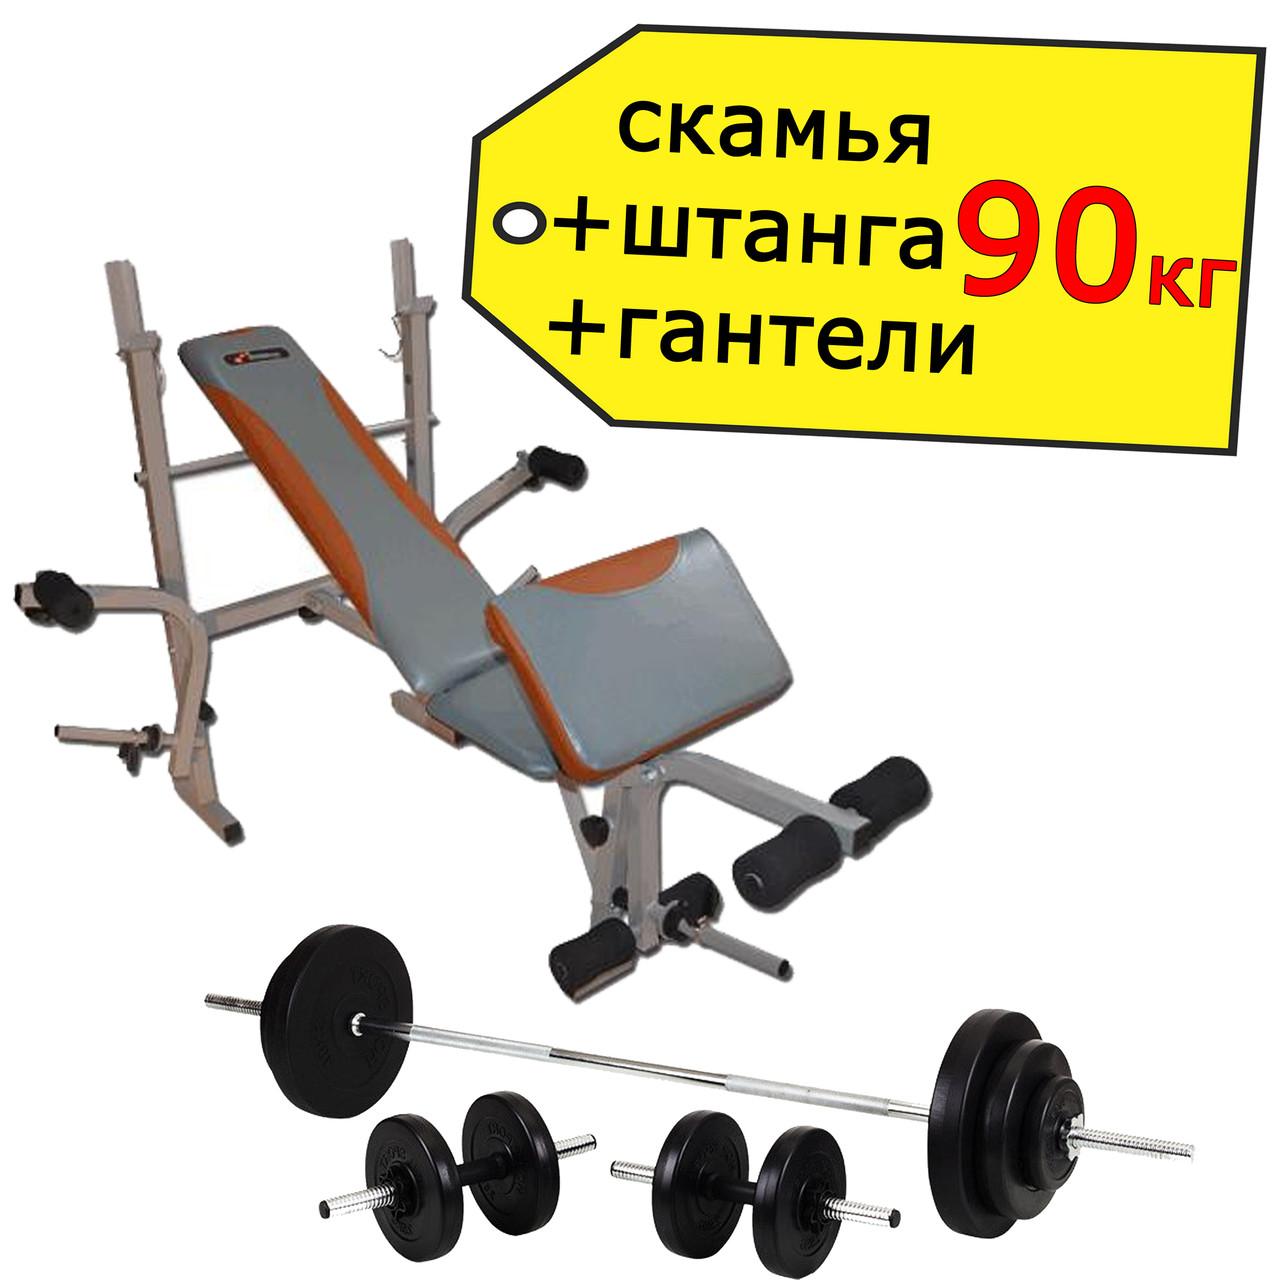 Скамья для жима EverTop 307 + Штанга 90 кг + Гантели 2*21 кг (комплект лавка штанга гантелі для жиму)